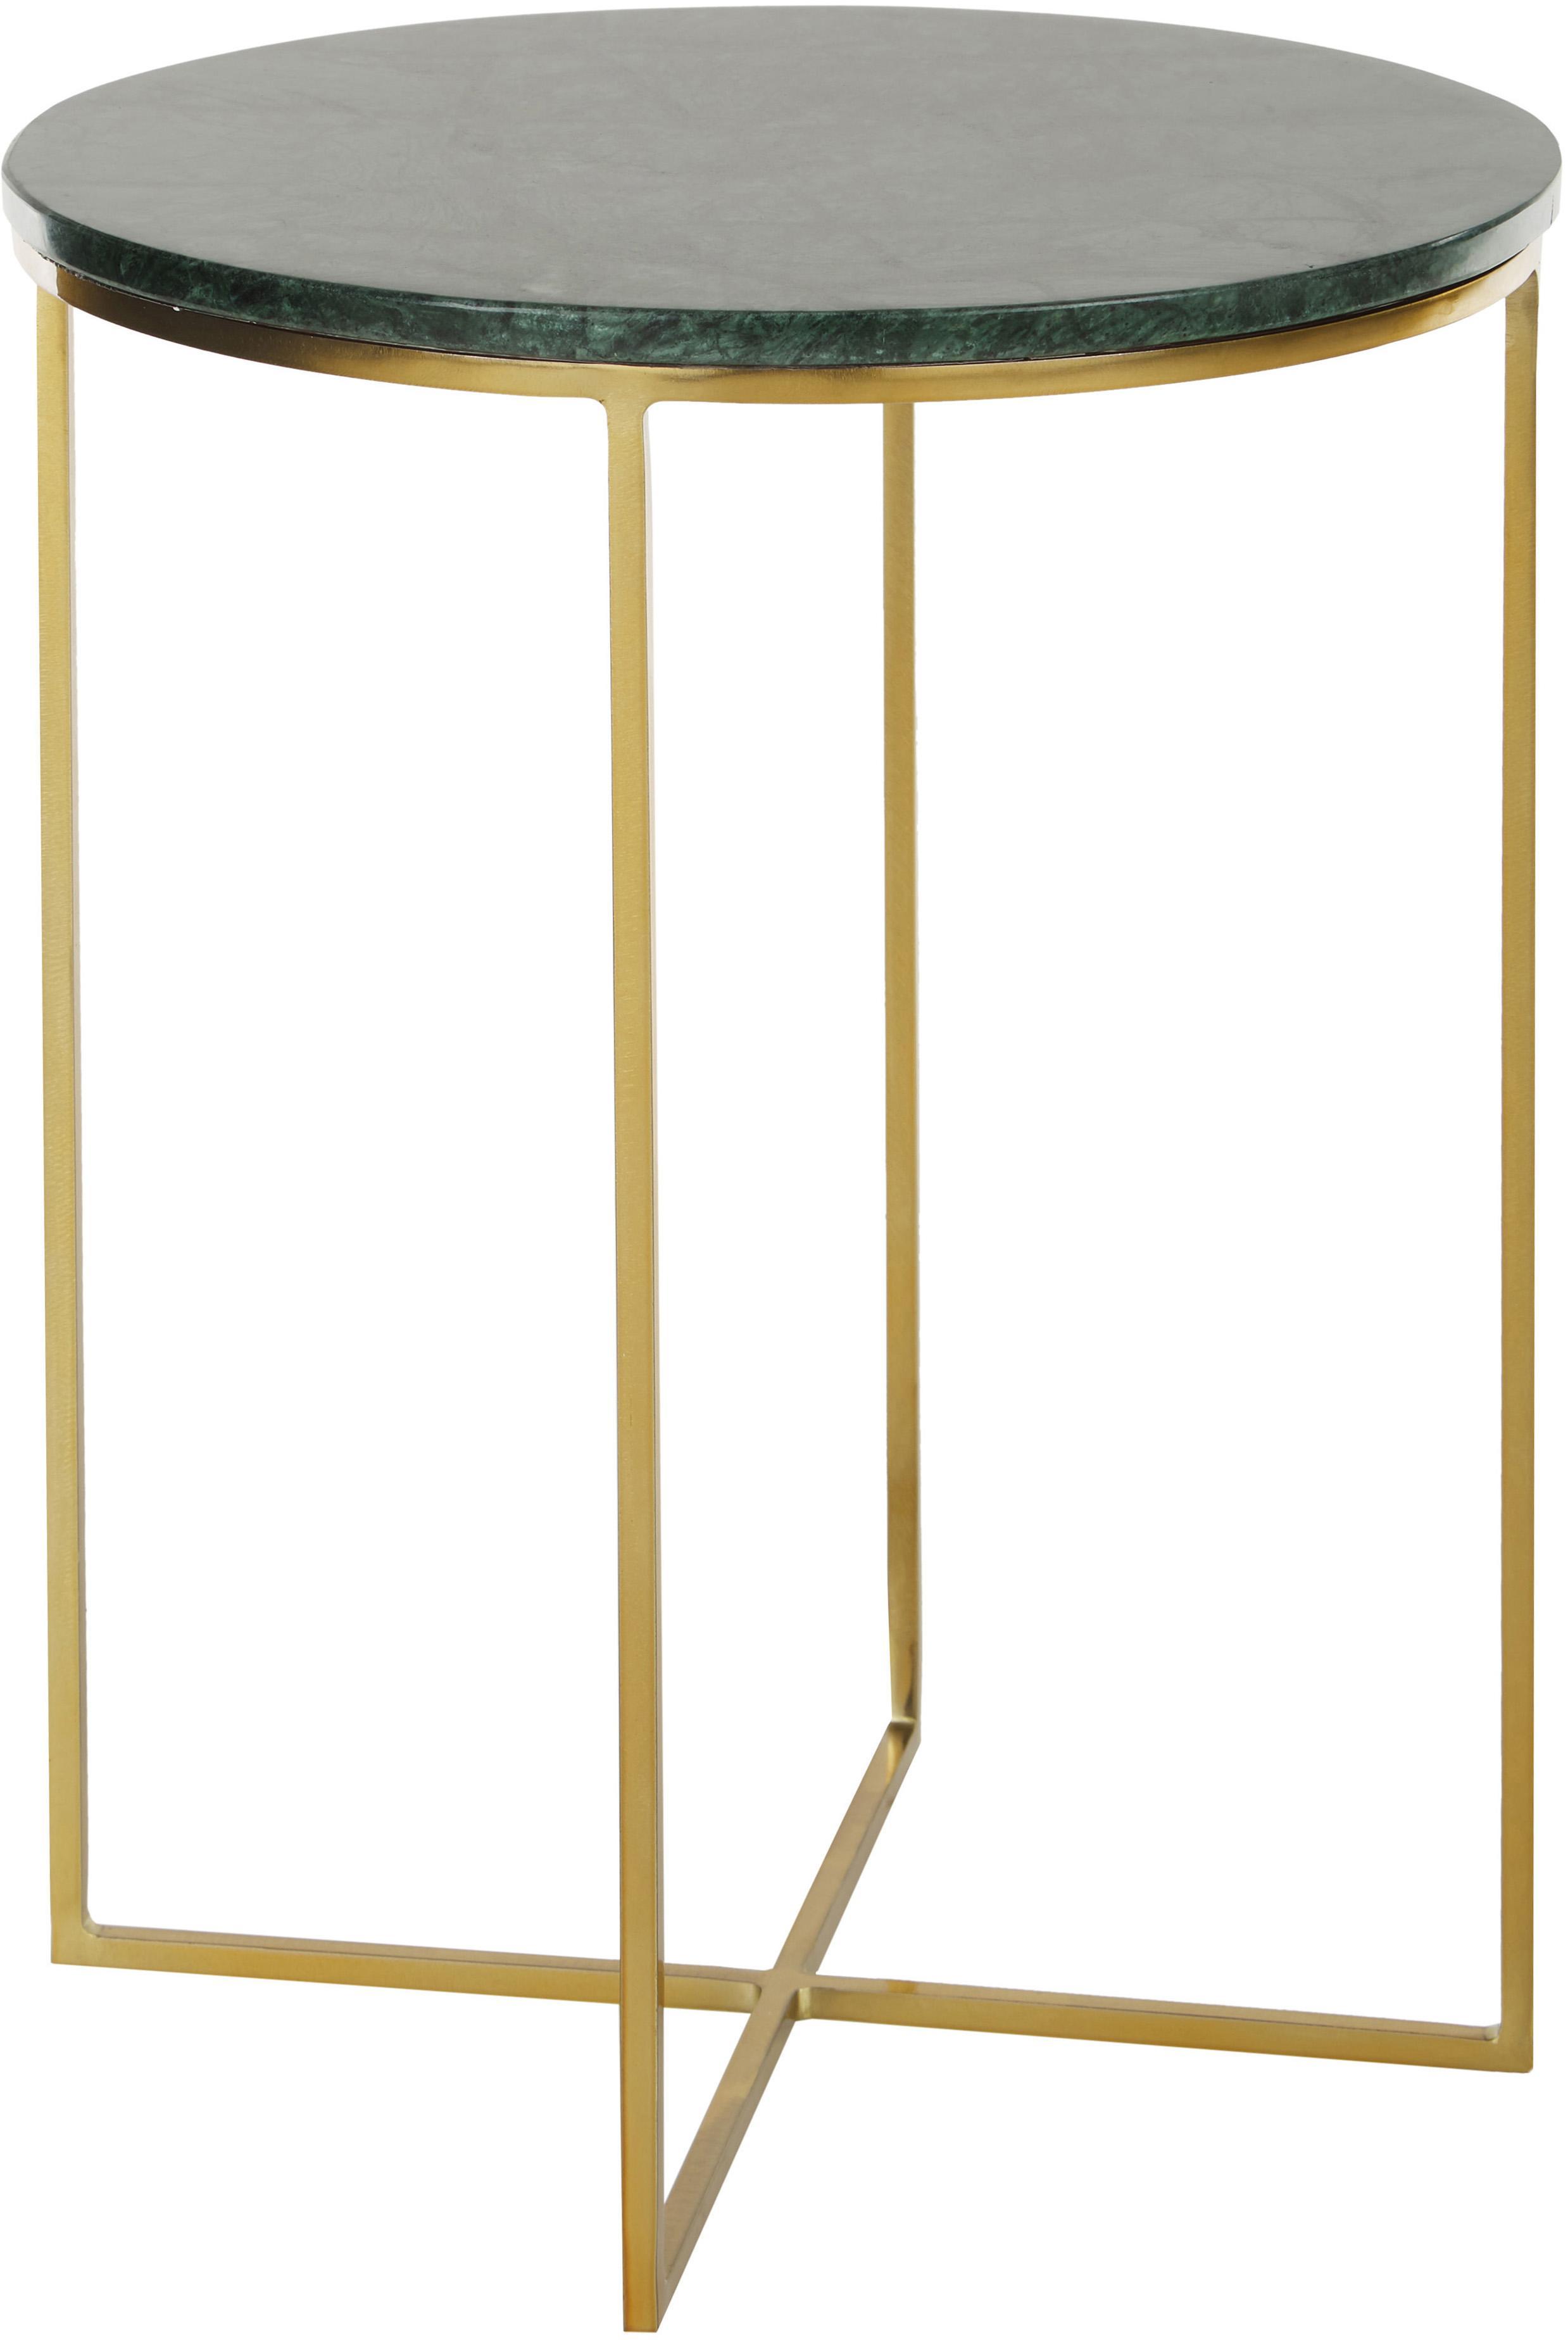 Tavolino rotondo con piano in marmo Alys, Piano d'appoggio: pietra naturale di marmo, Struttura: metallo verniciato a polv, Piano d'appoggio: marmo verde Struttura: dorato lucido, Ø 40 x Alt. 50 cm